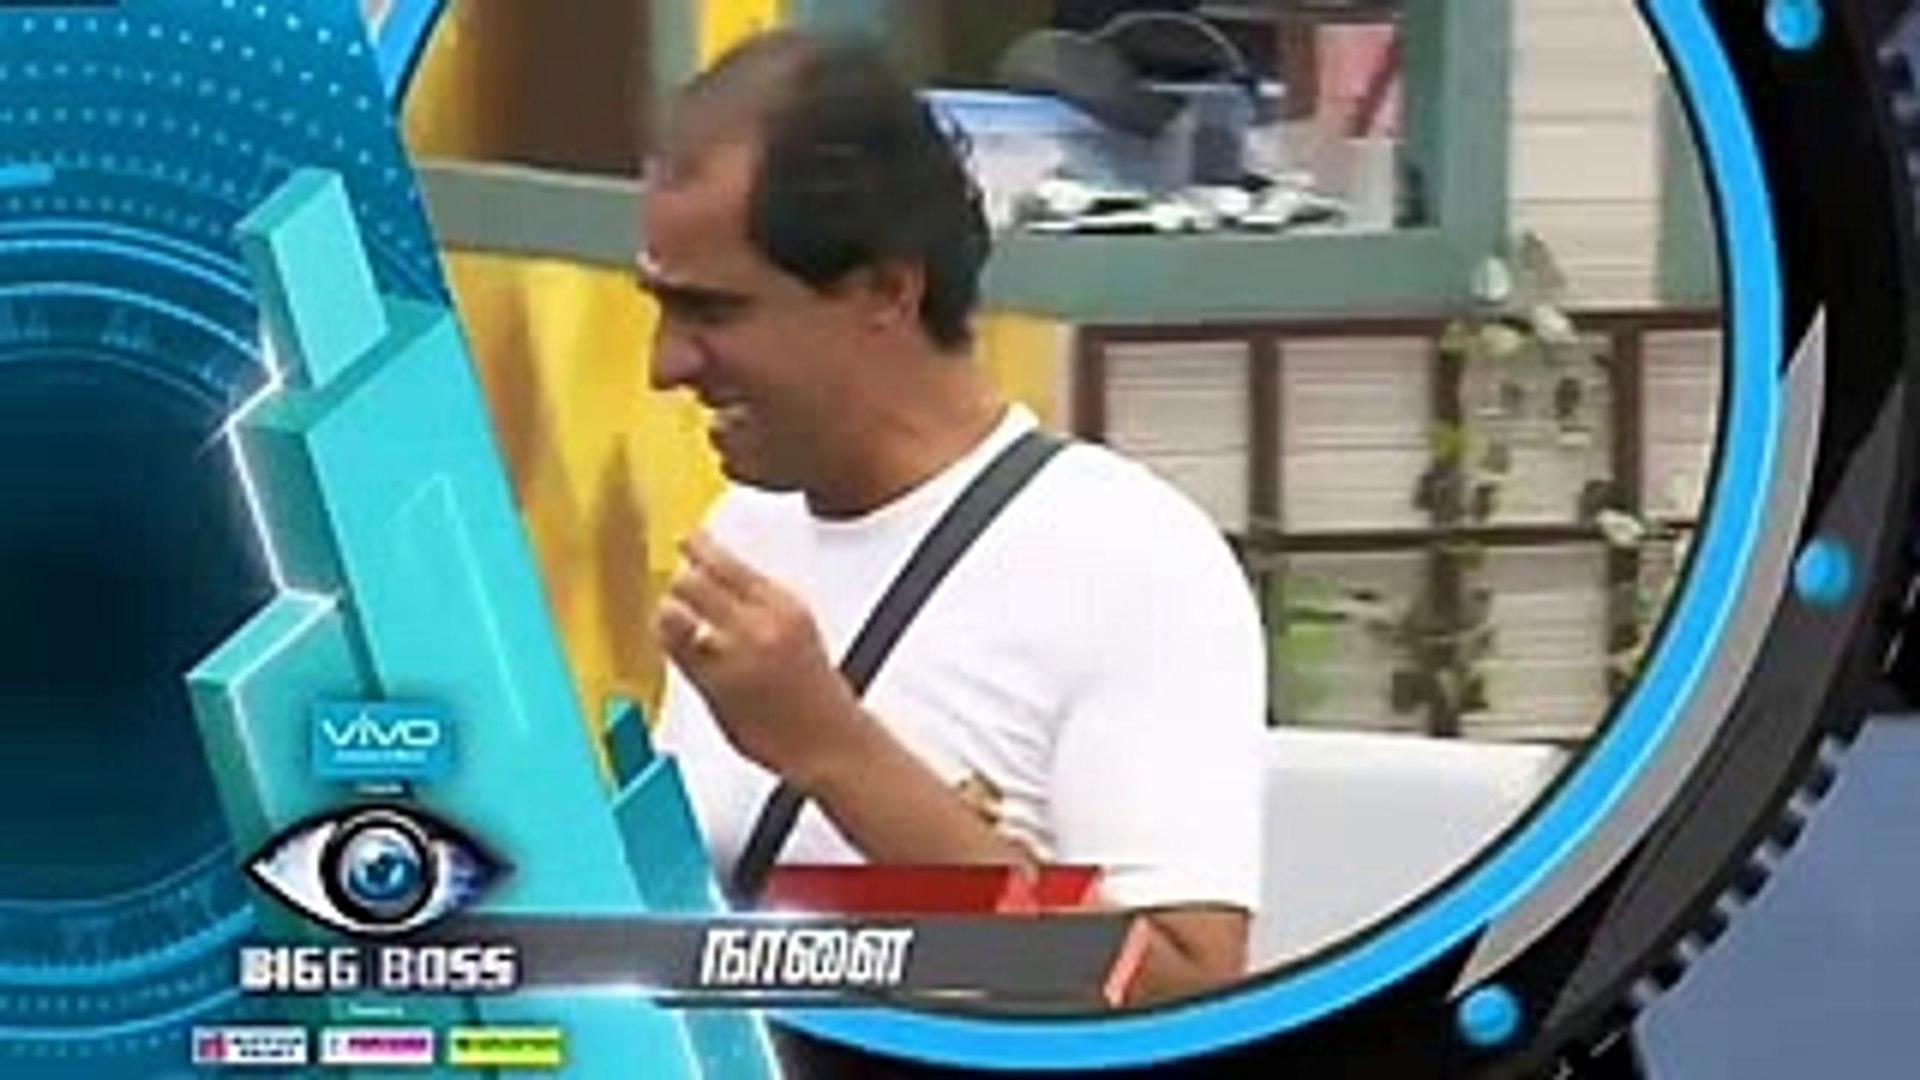 Bigg Boss Reason behind contestant crying Sep 10 promo